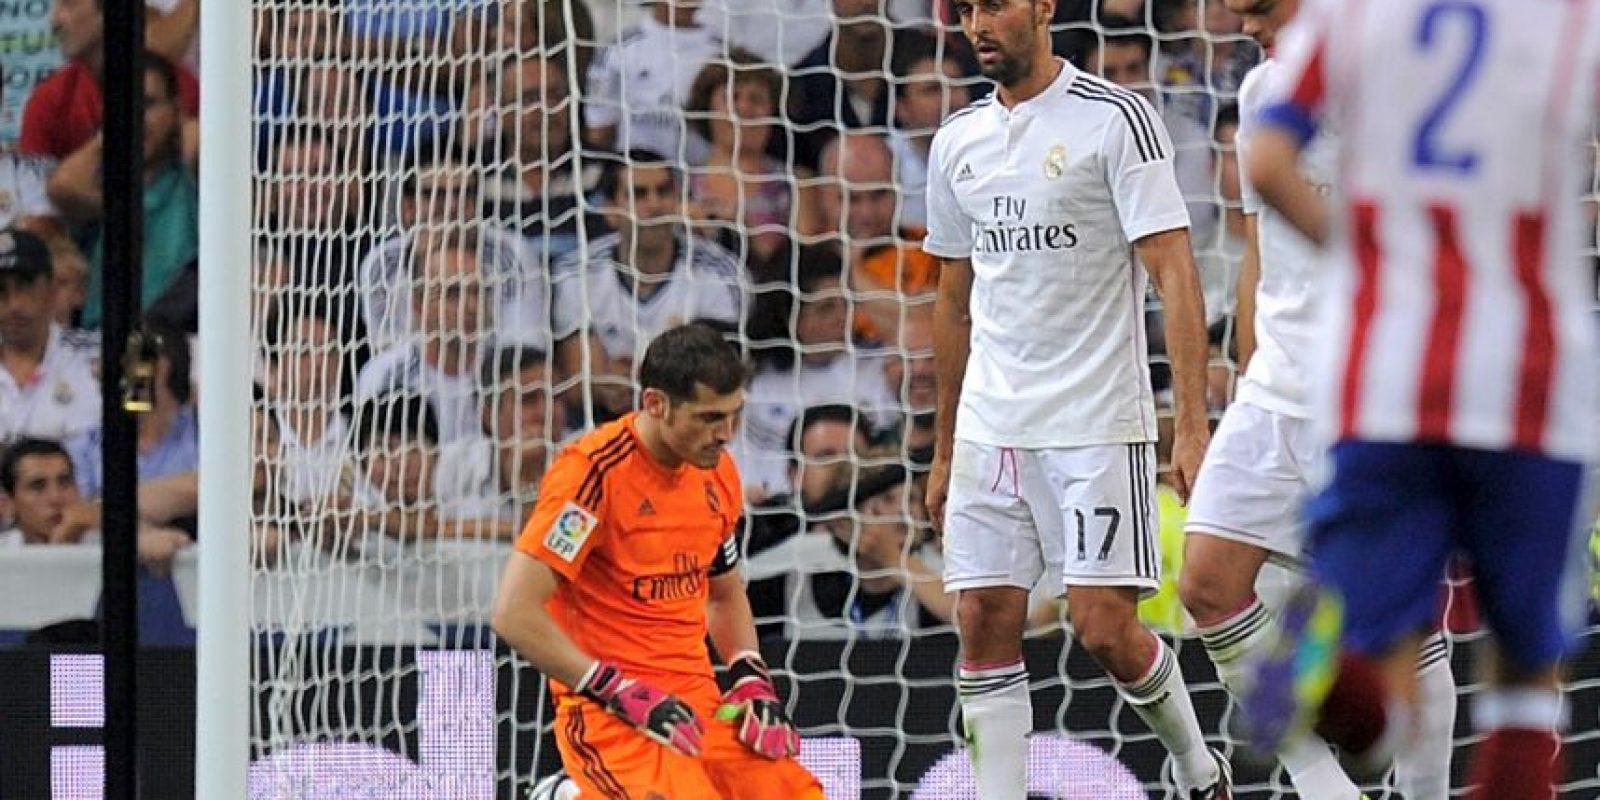 En el derbi de Madrid, Iker Casillas fue señalado por errores en mínimo, dos goles. El primero, en un tiro de larga distancia de Tiago que parecía fácil de detener, y el segundo, en el tanto marcado por Saúl Ñíguez. Foto:Getty Images